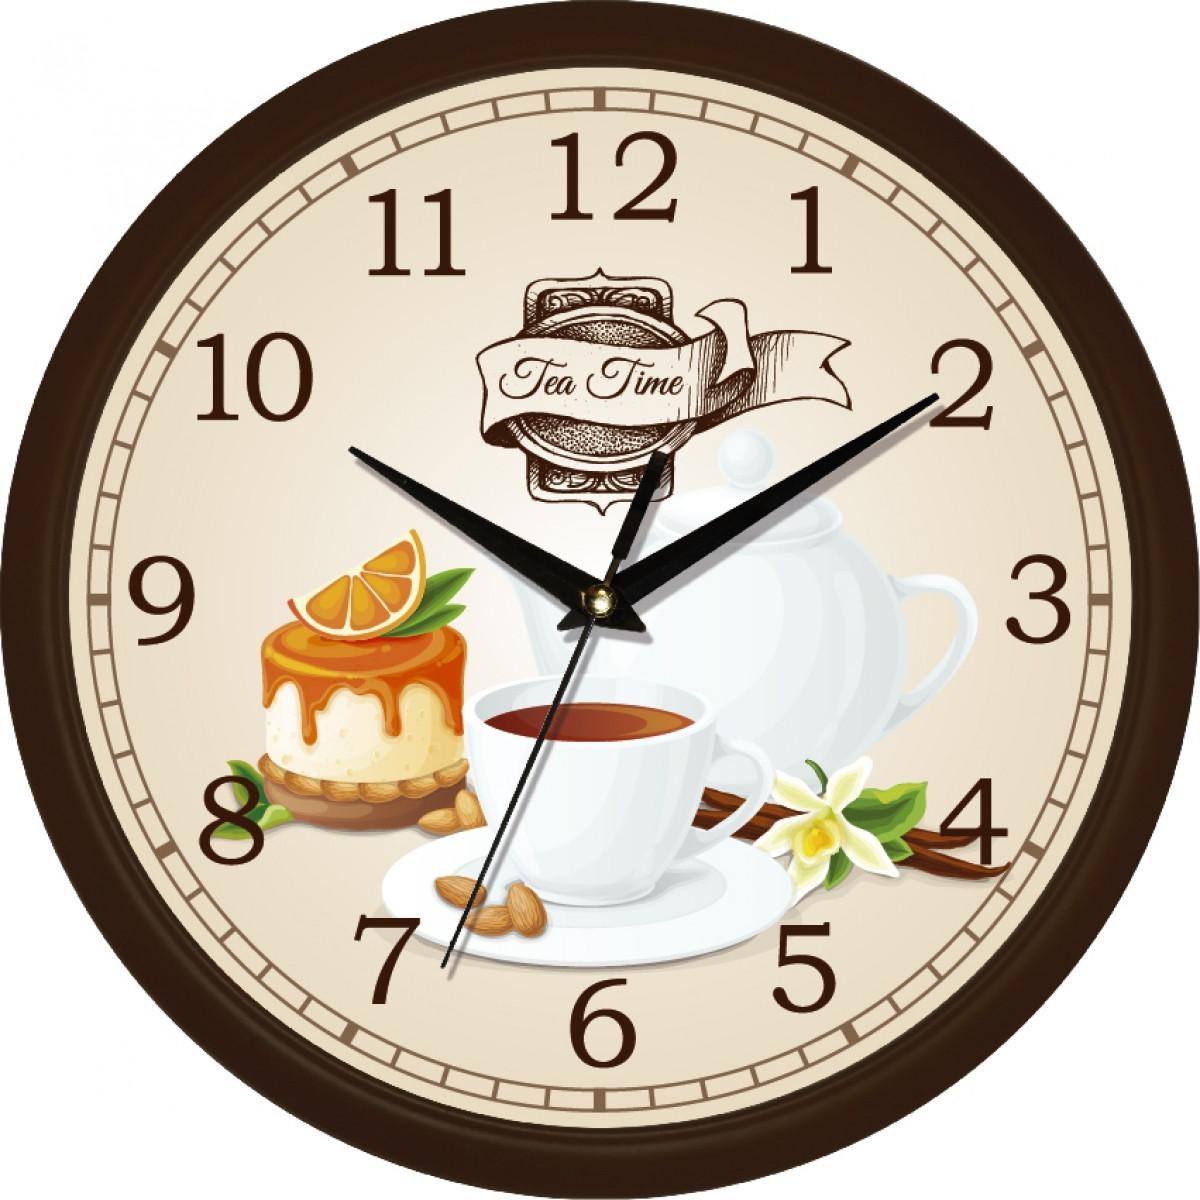 Часы настенные UTA Сlassic 300 х 300 х 45 мм в коричневом ободе кухонные